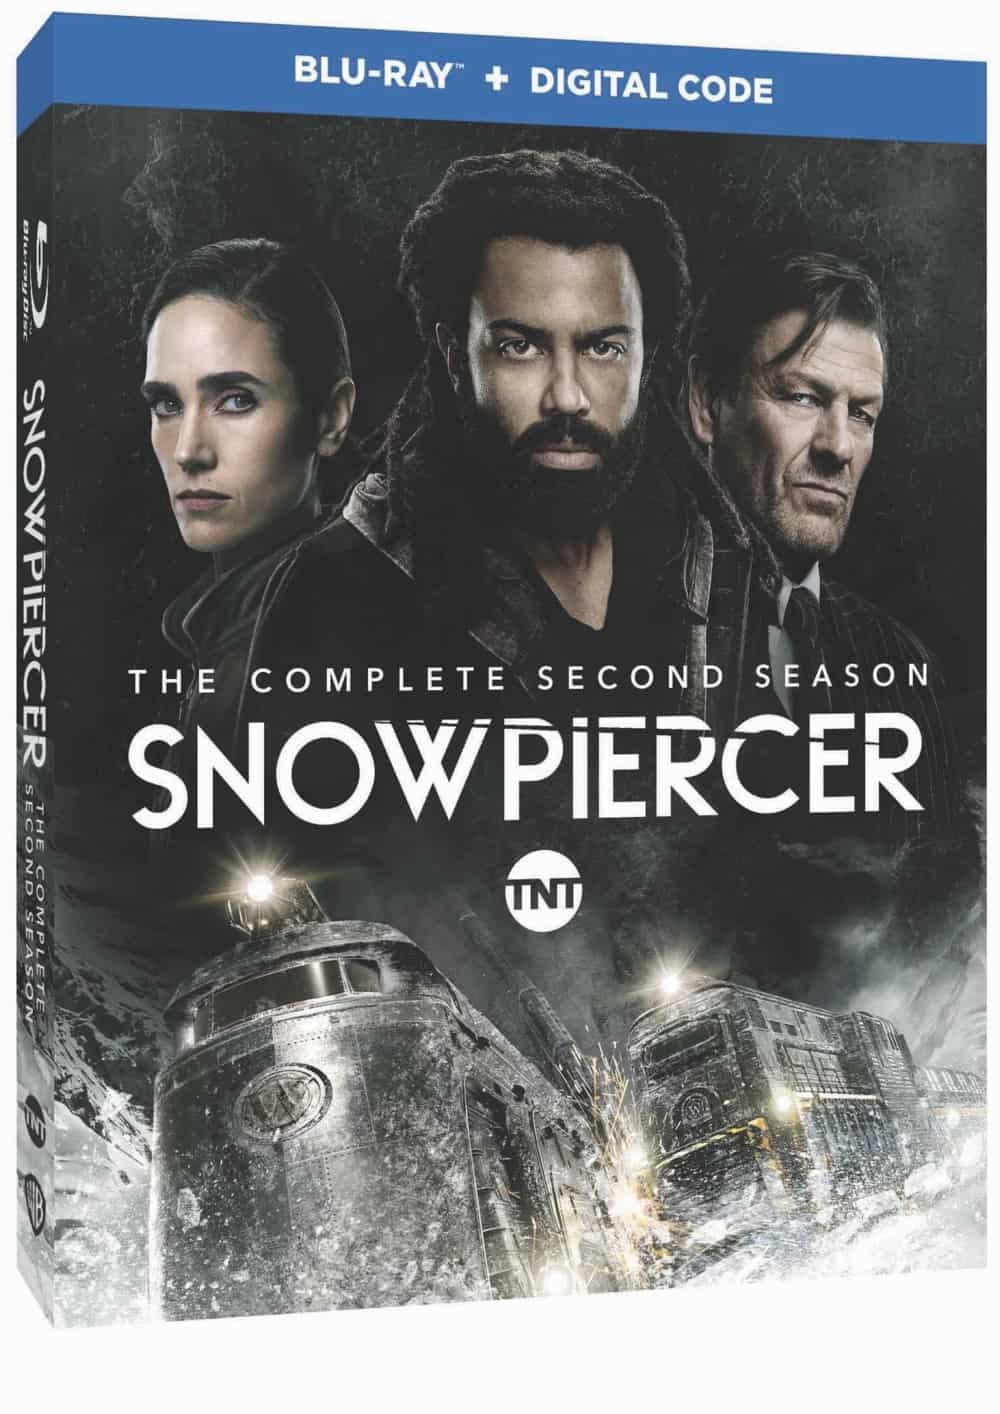 SNOWPIERCER S2 BD 3D